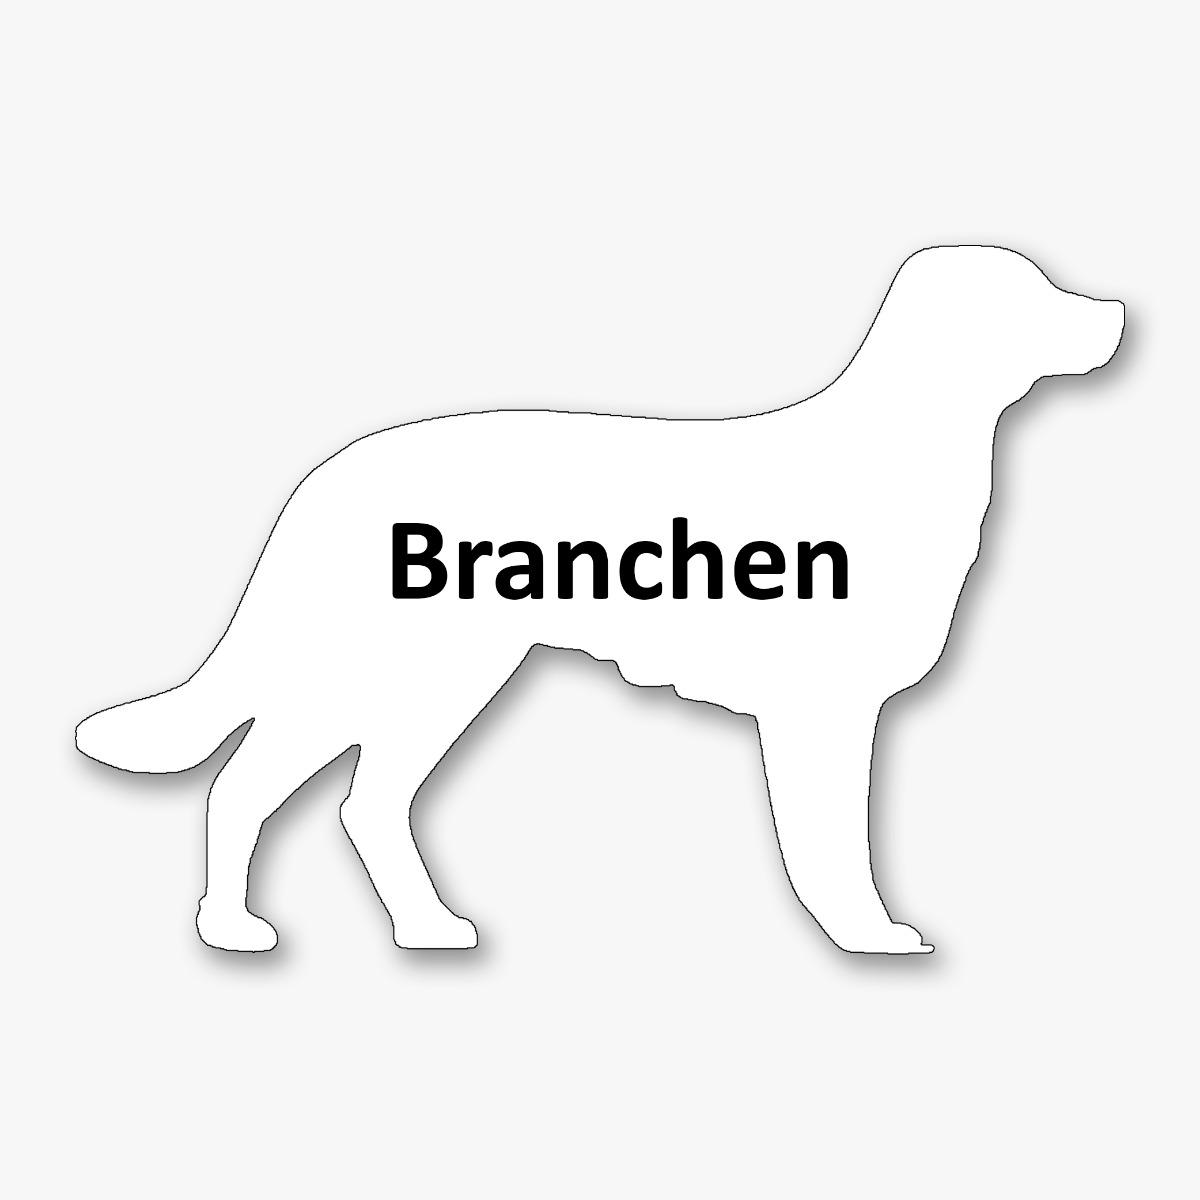 Branchen_Startseite